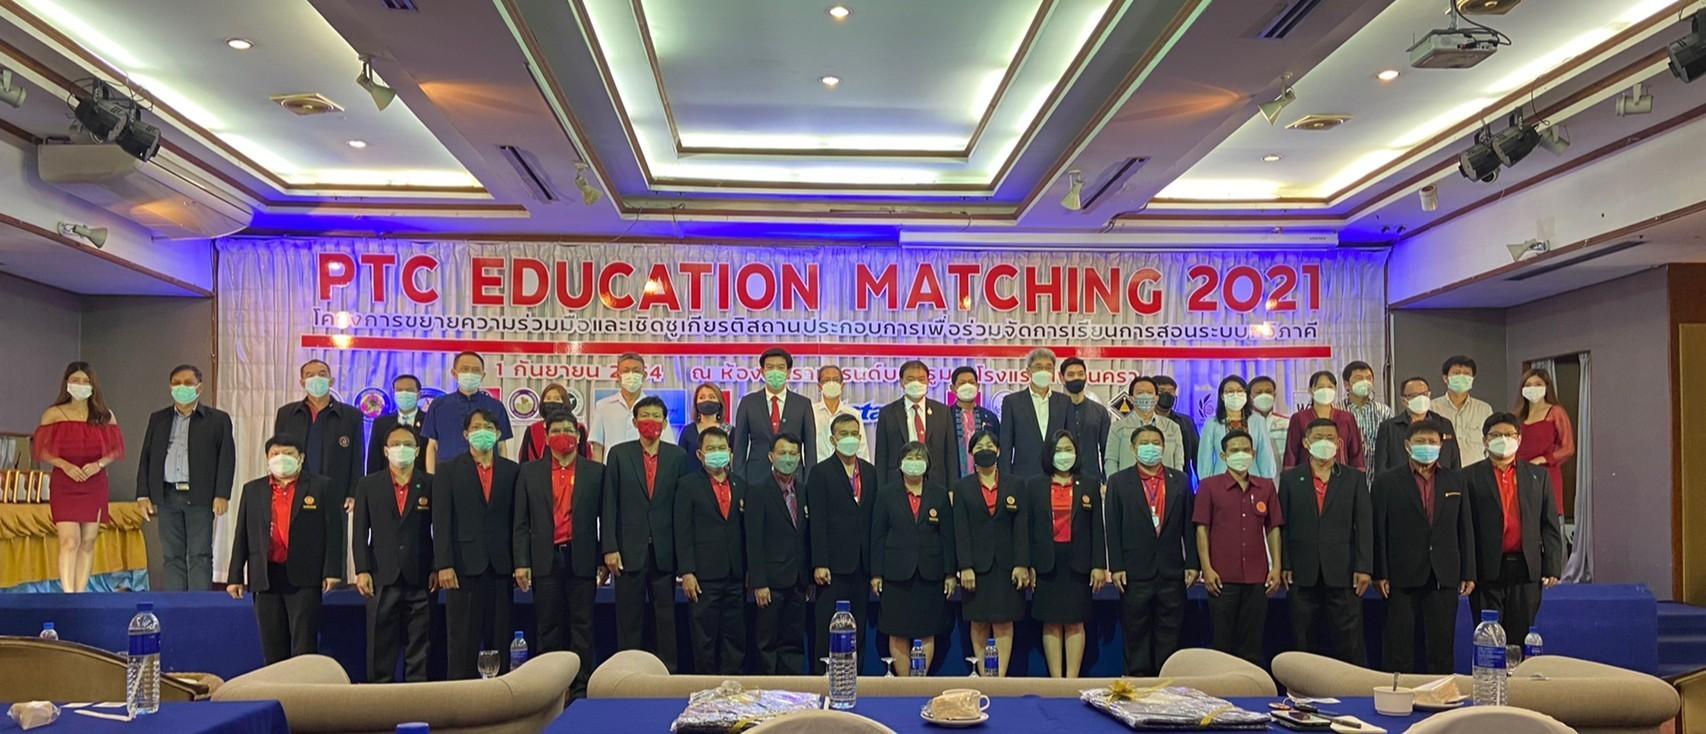 โครงการขยายความร่วมมือและเชิดชูเกียรติสถานประกอบการเพื่อร่วมจัดการเรียนการสอนระบบทวิภาคี (PTC EDUCAT